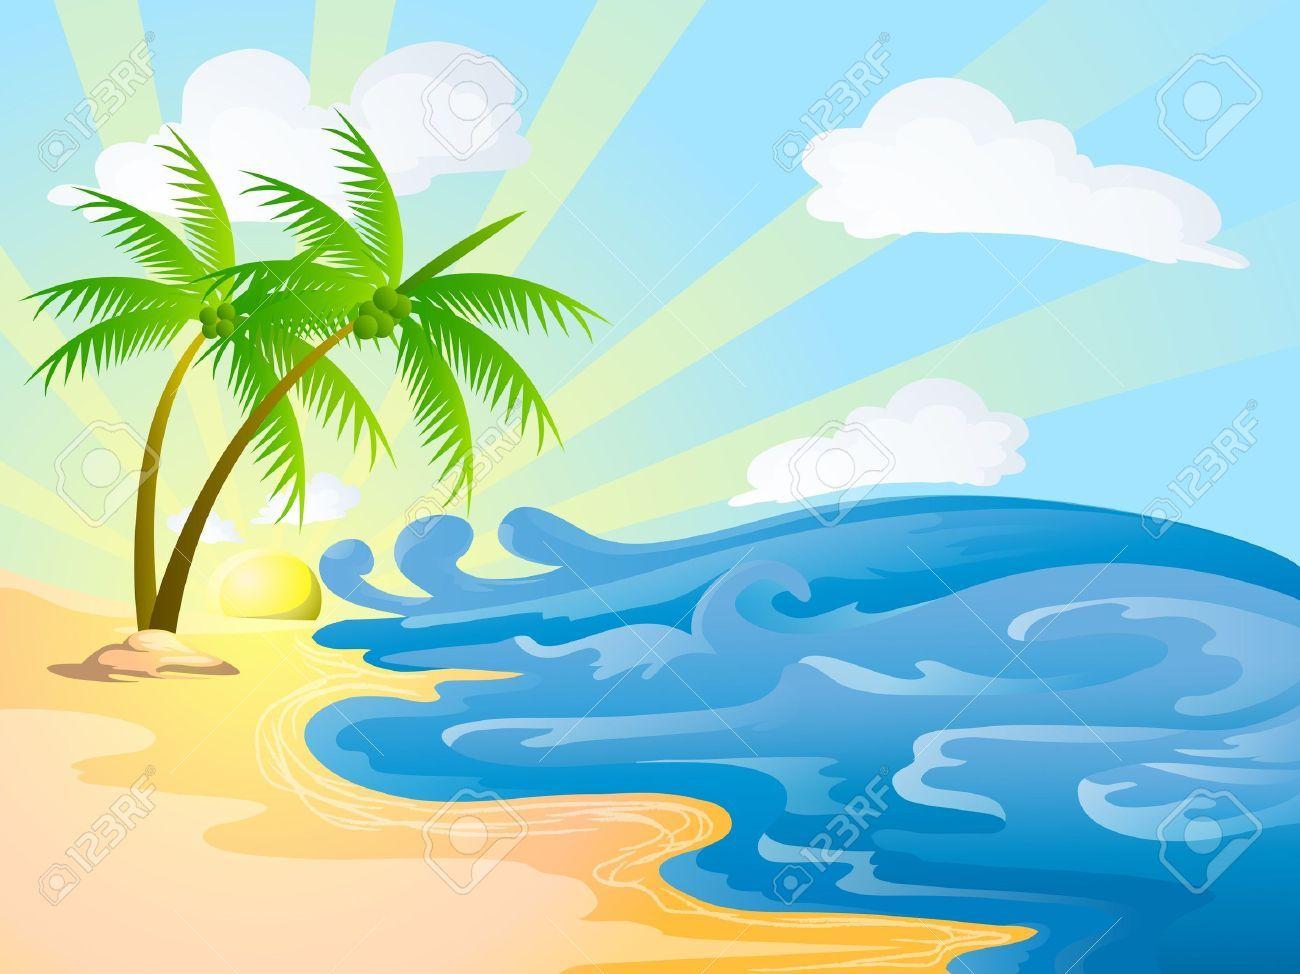 Sunny beach clipart 7 » Clipart Portal.